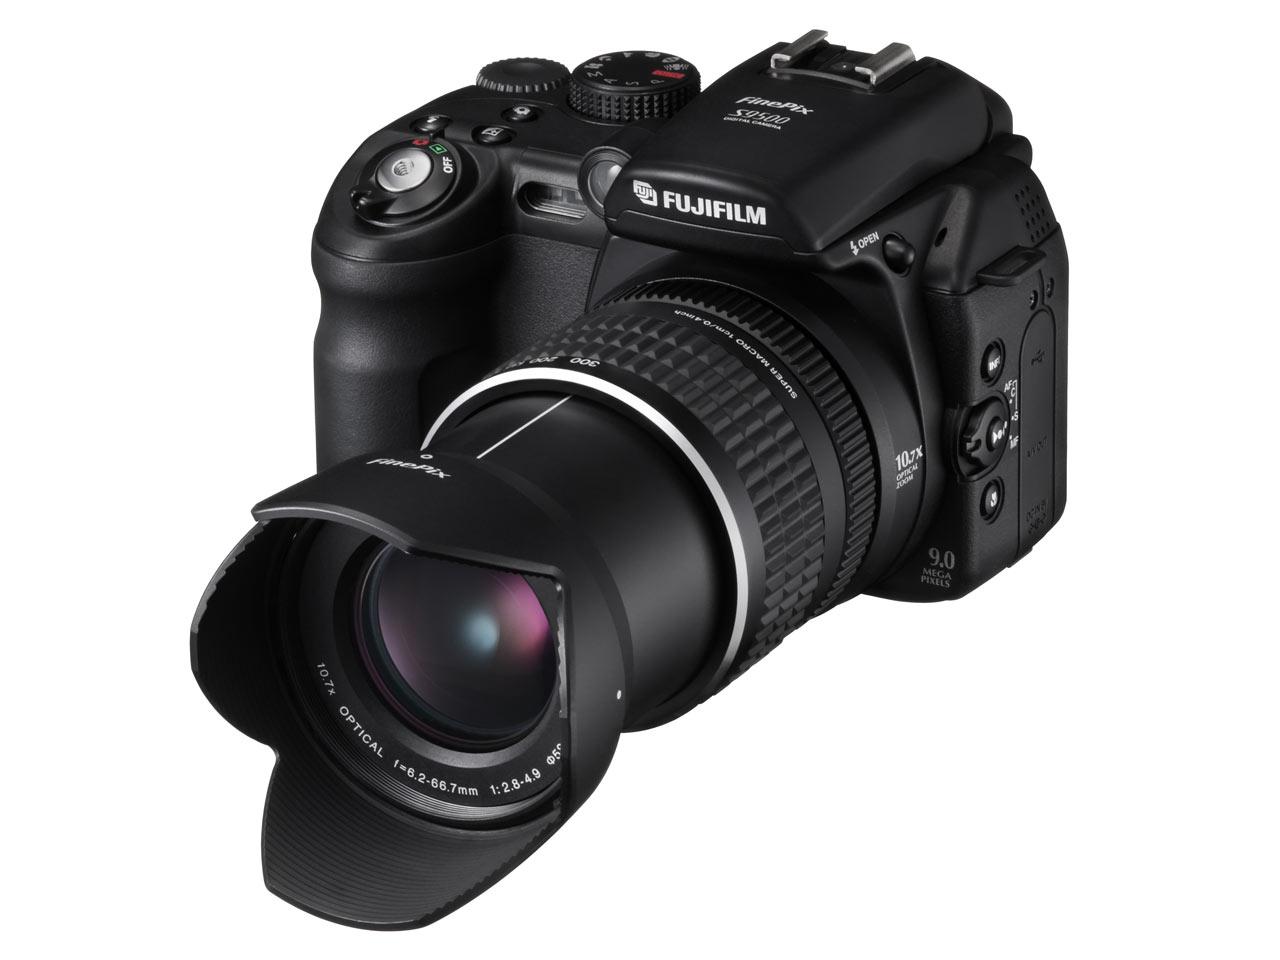 fujifilm finepix s9000 s9500 zoom digital photography review rh dpreview com  fujifilm finepix s9500 manual español